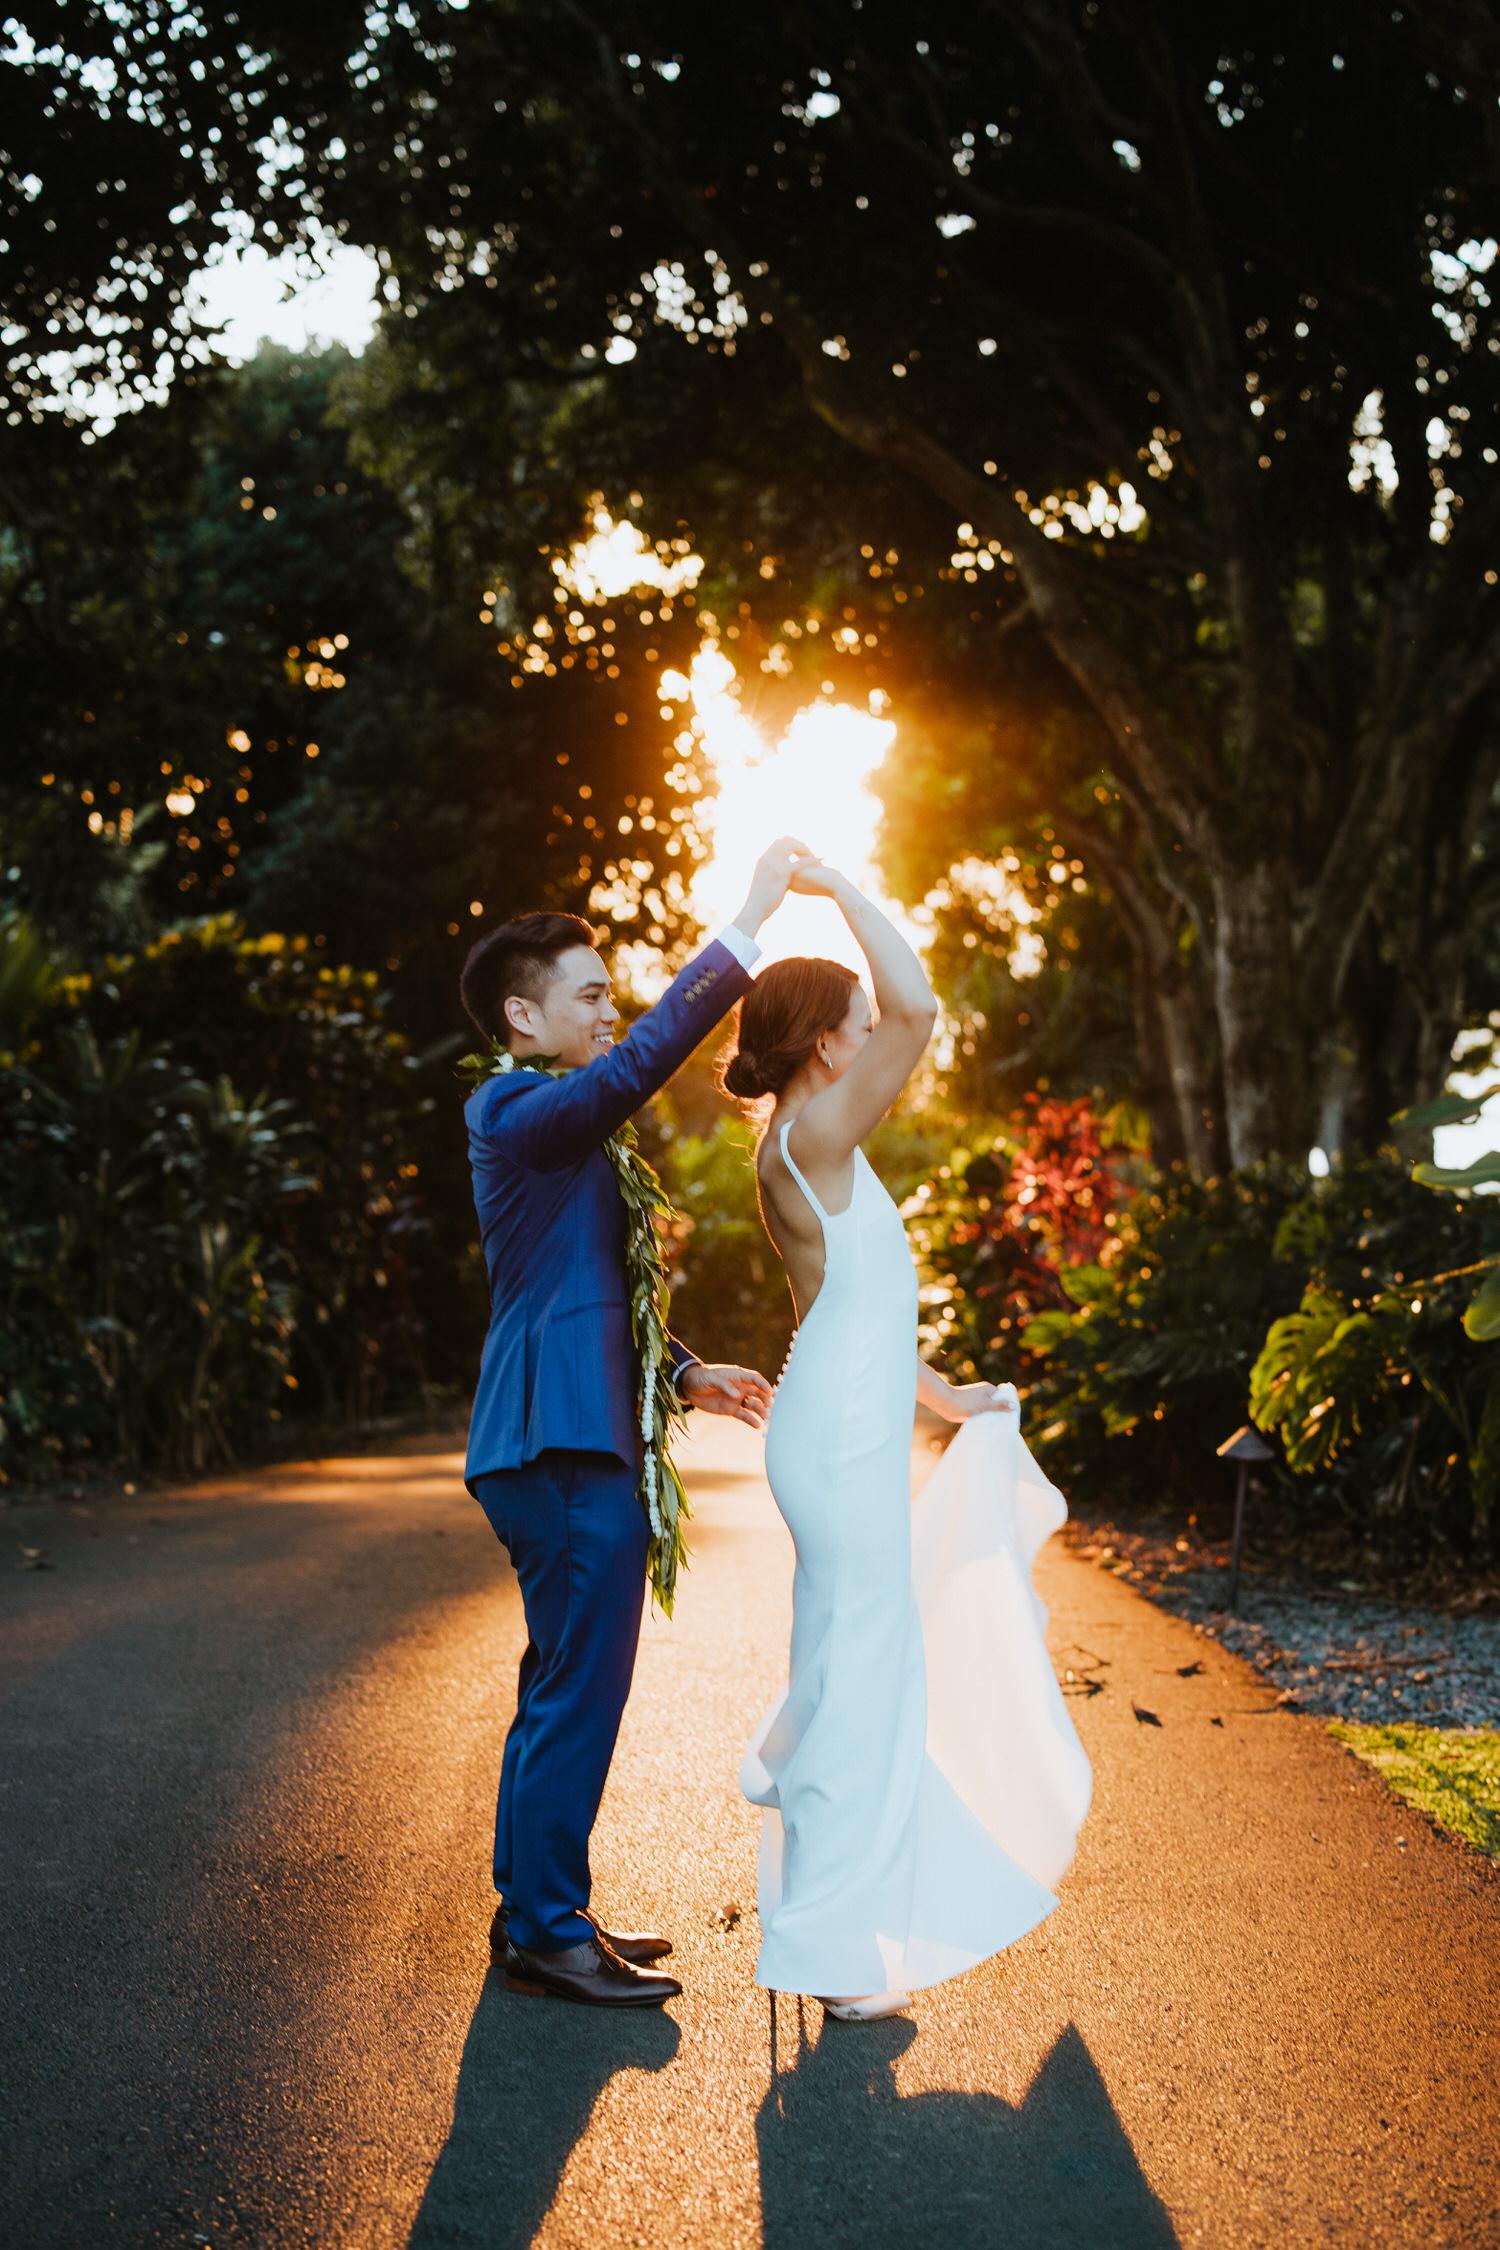 Big Island Wedding Photographer, kona photographer, big island photographer, kona weddings, big island weddings, big island weddding package, big island wedding packages, big island weddings photos, hawaii wedding